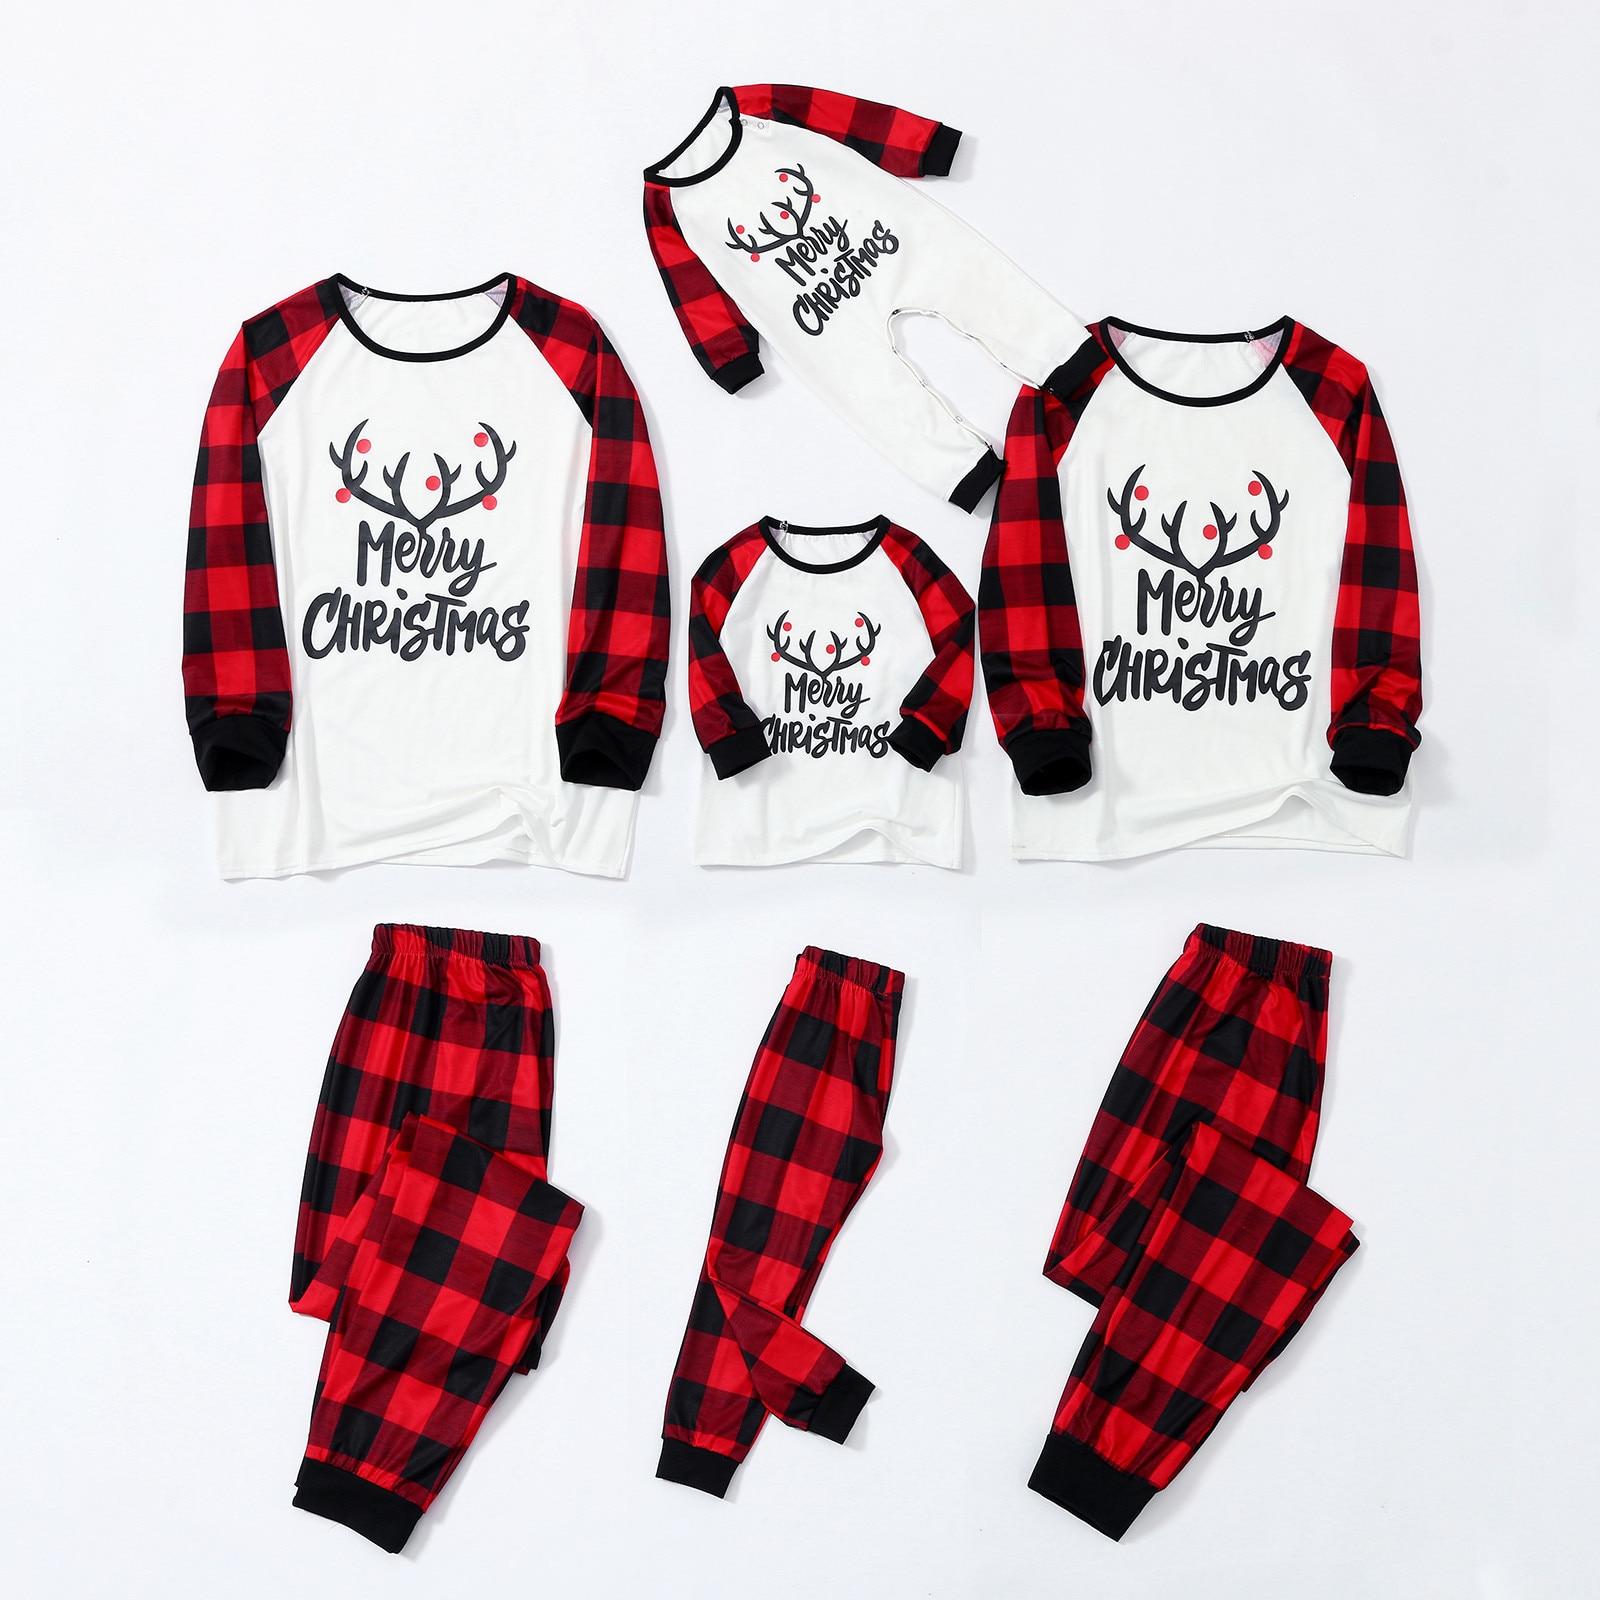 Ropa de navidad familiar para niños, pijamas de Feliz navidad con pantalones...